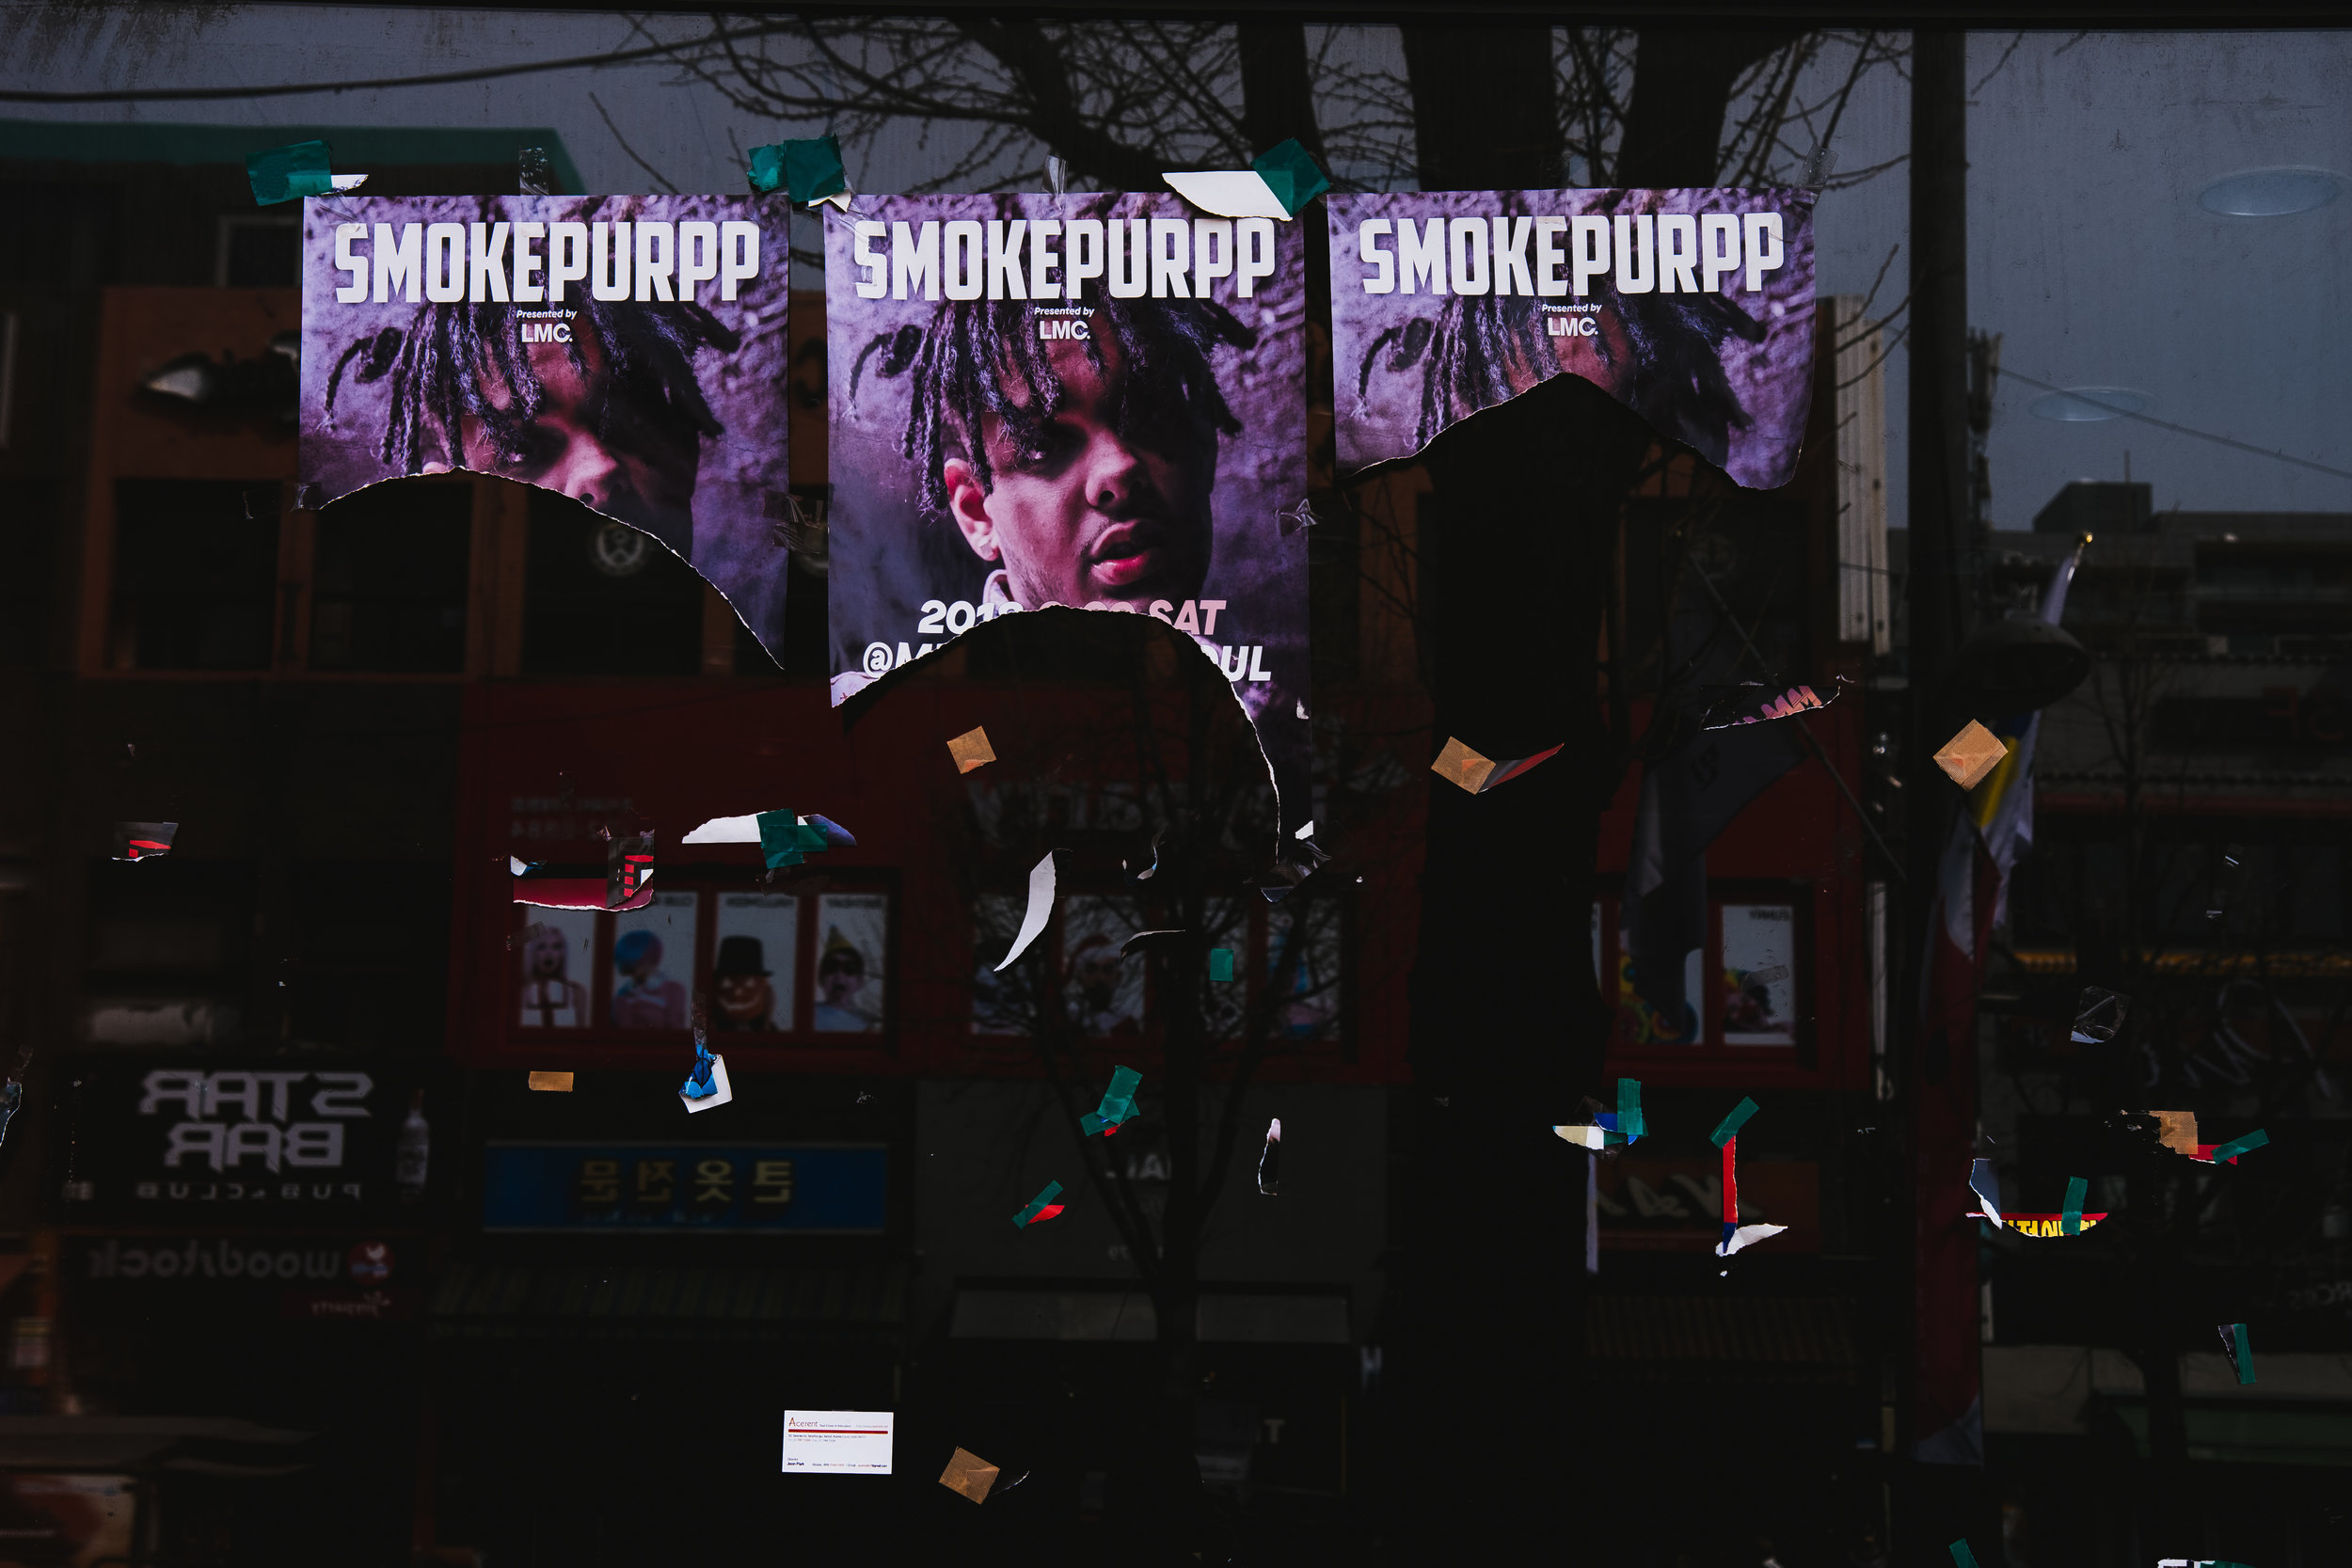 smoke-purp.jpg